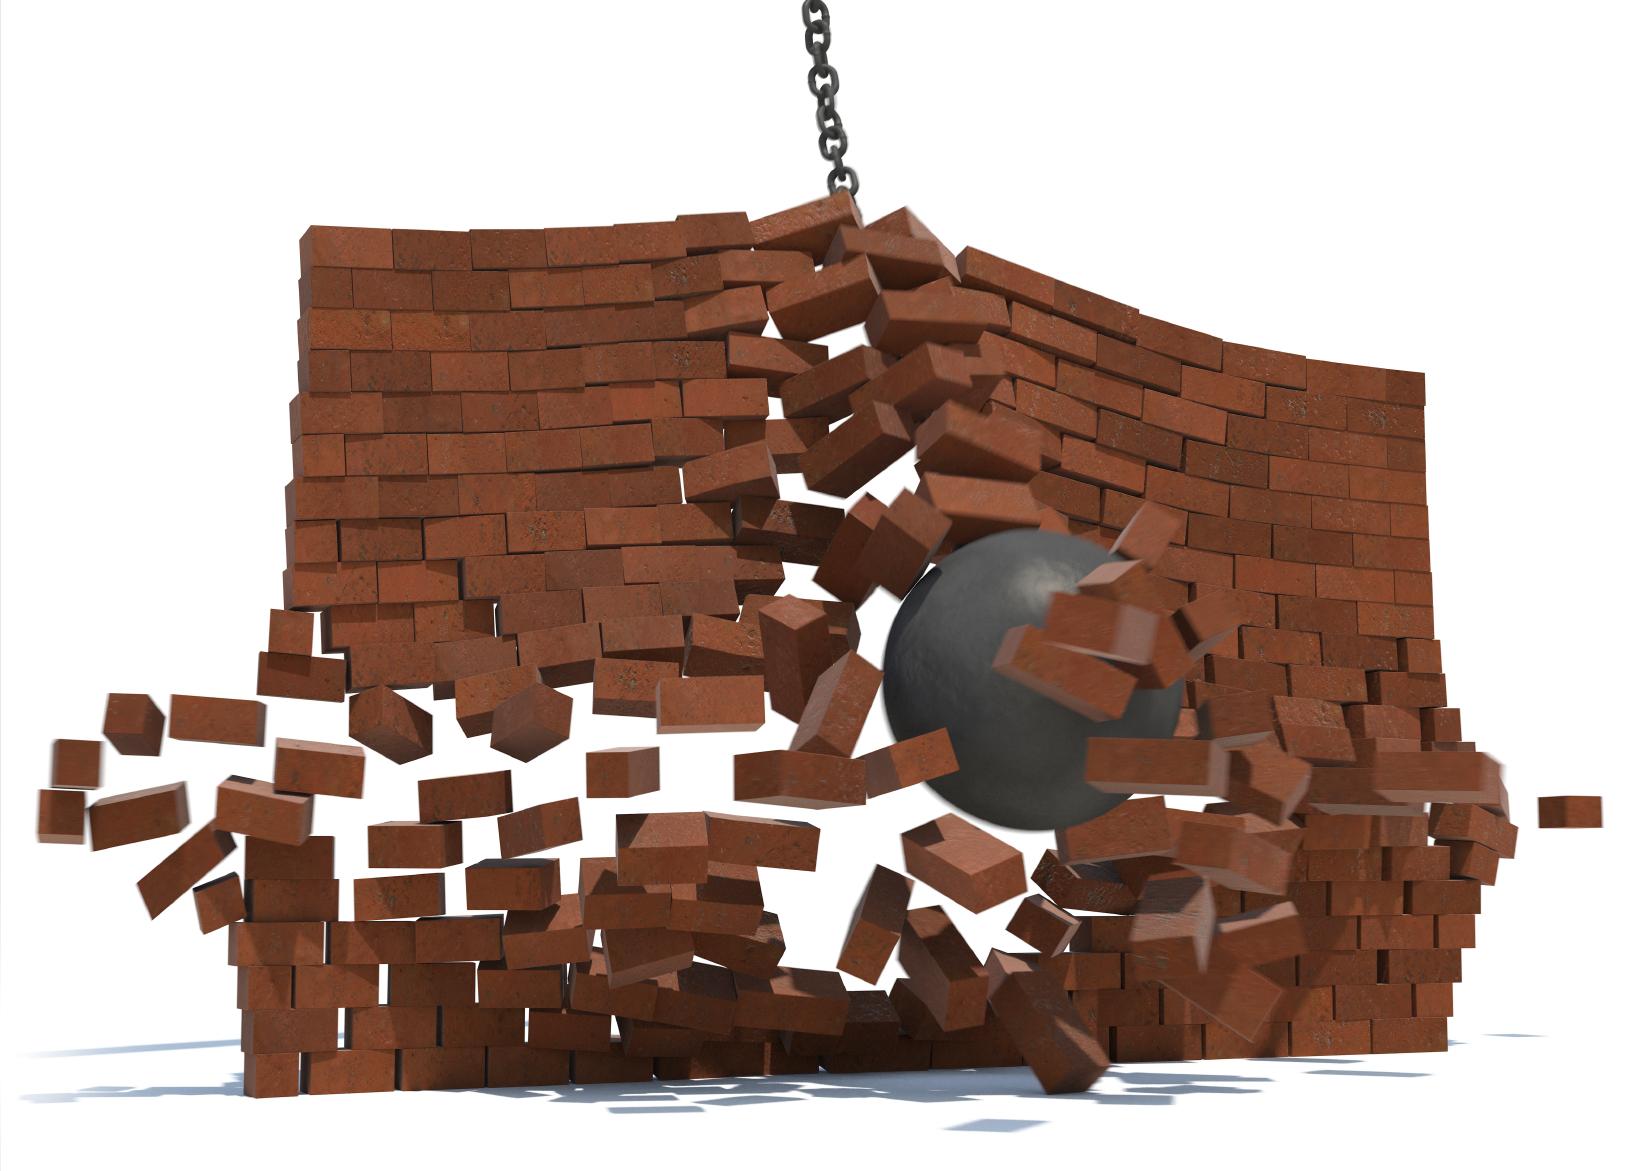 Smash through the wall